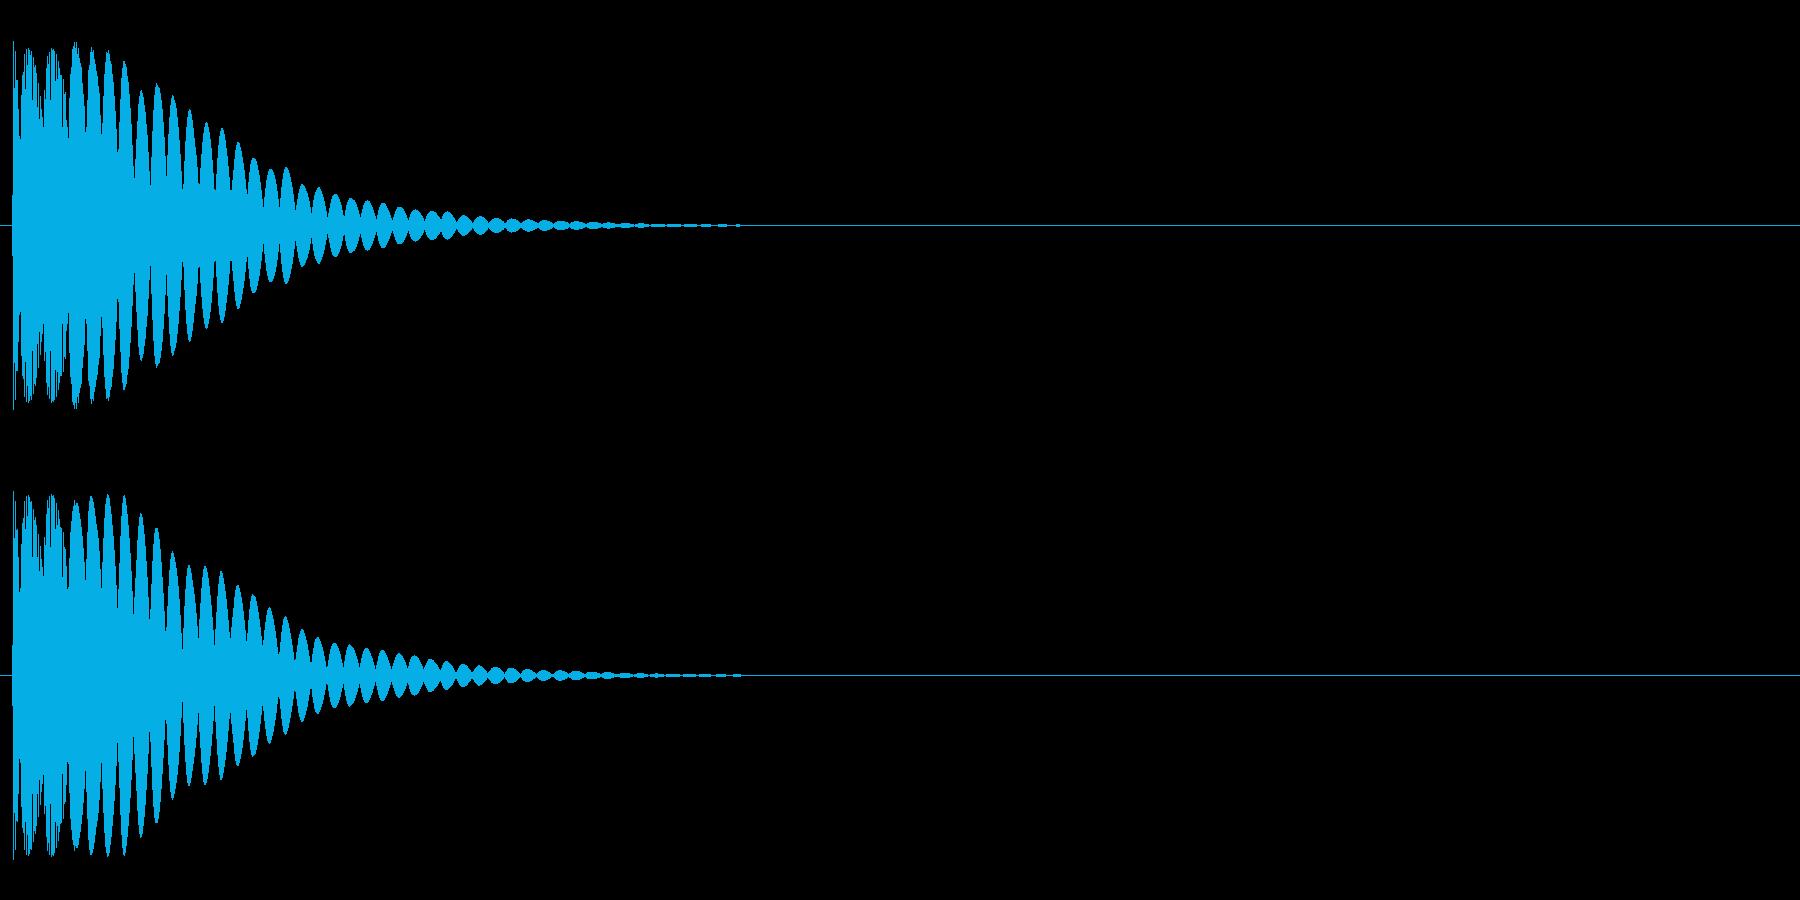 システム系スタート音の再生済みの波形